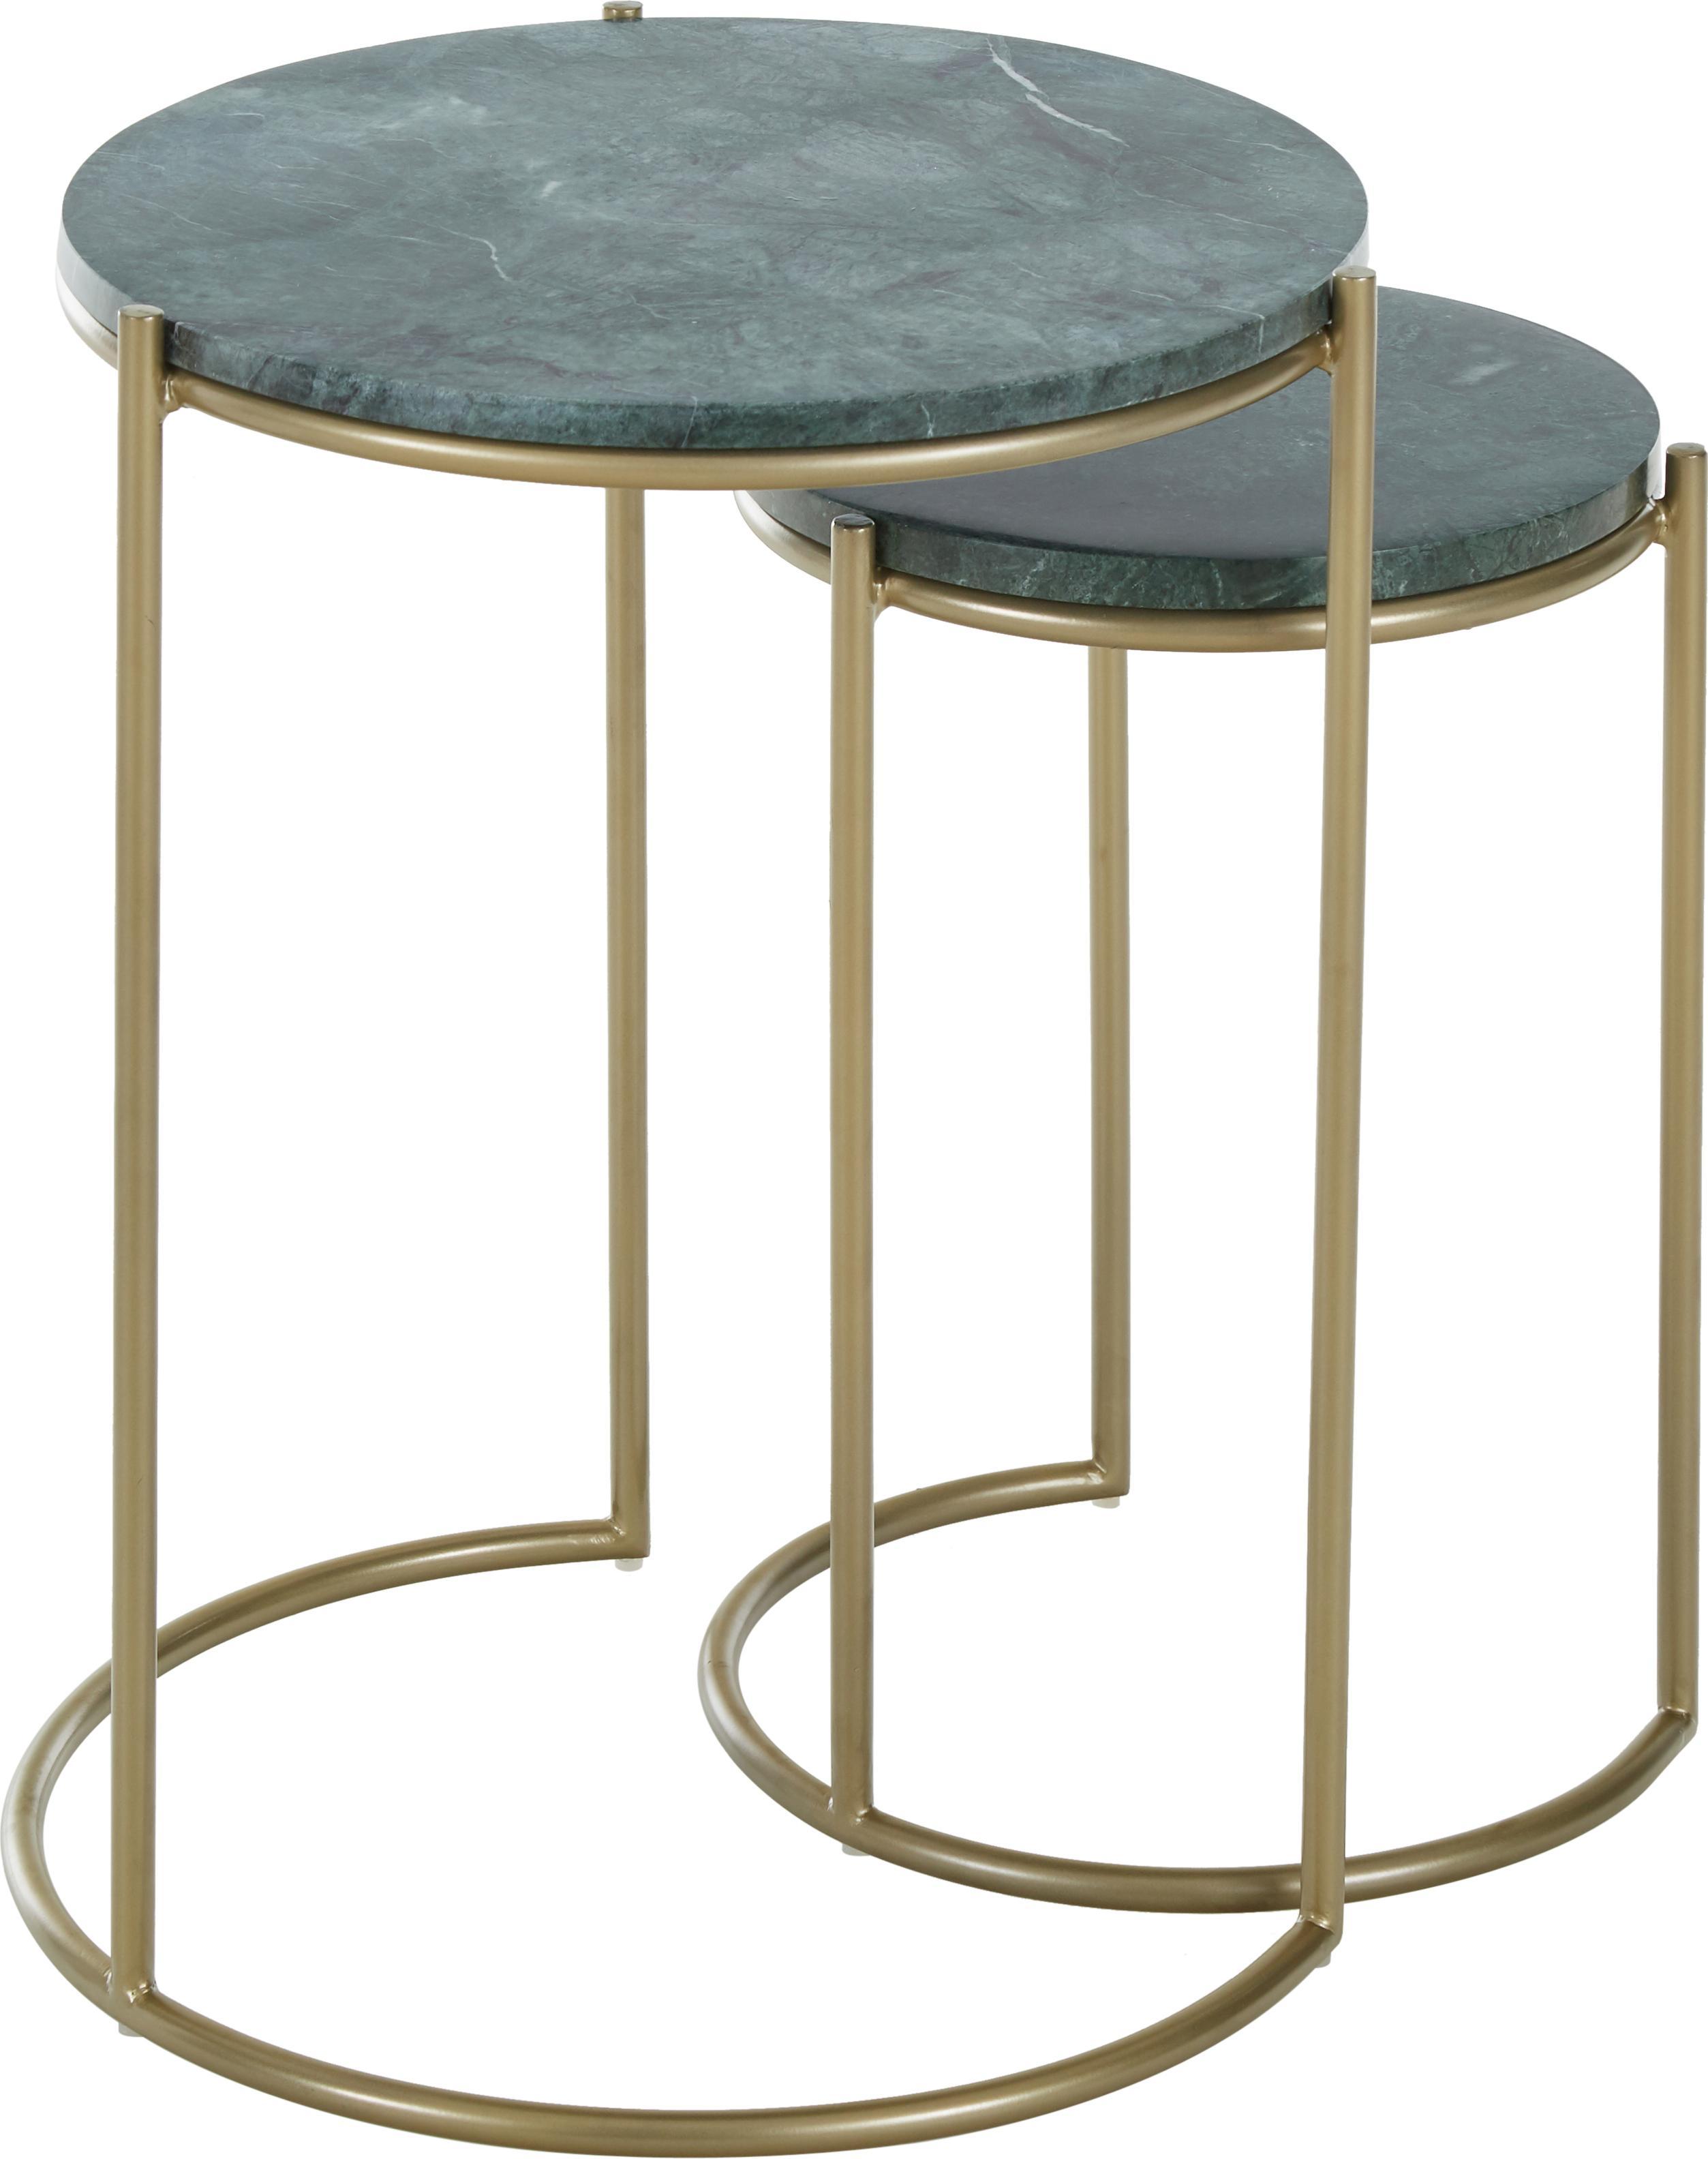 Set 2 tavolini in marmo Ella, Ripiani: marmo, Struttura: metallo verniciato a polv, Piani d'appoggio: marmo verde Struttura: dorato opaco, Set in varie misure